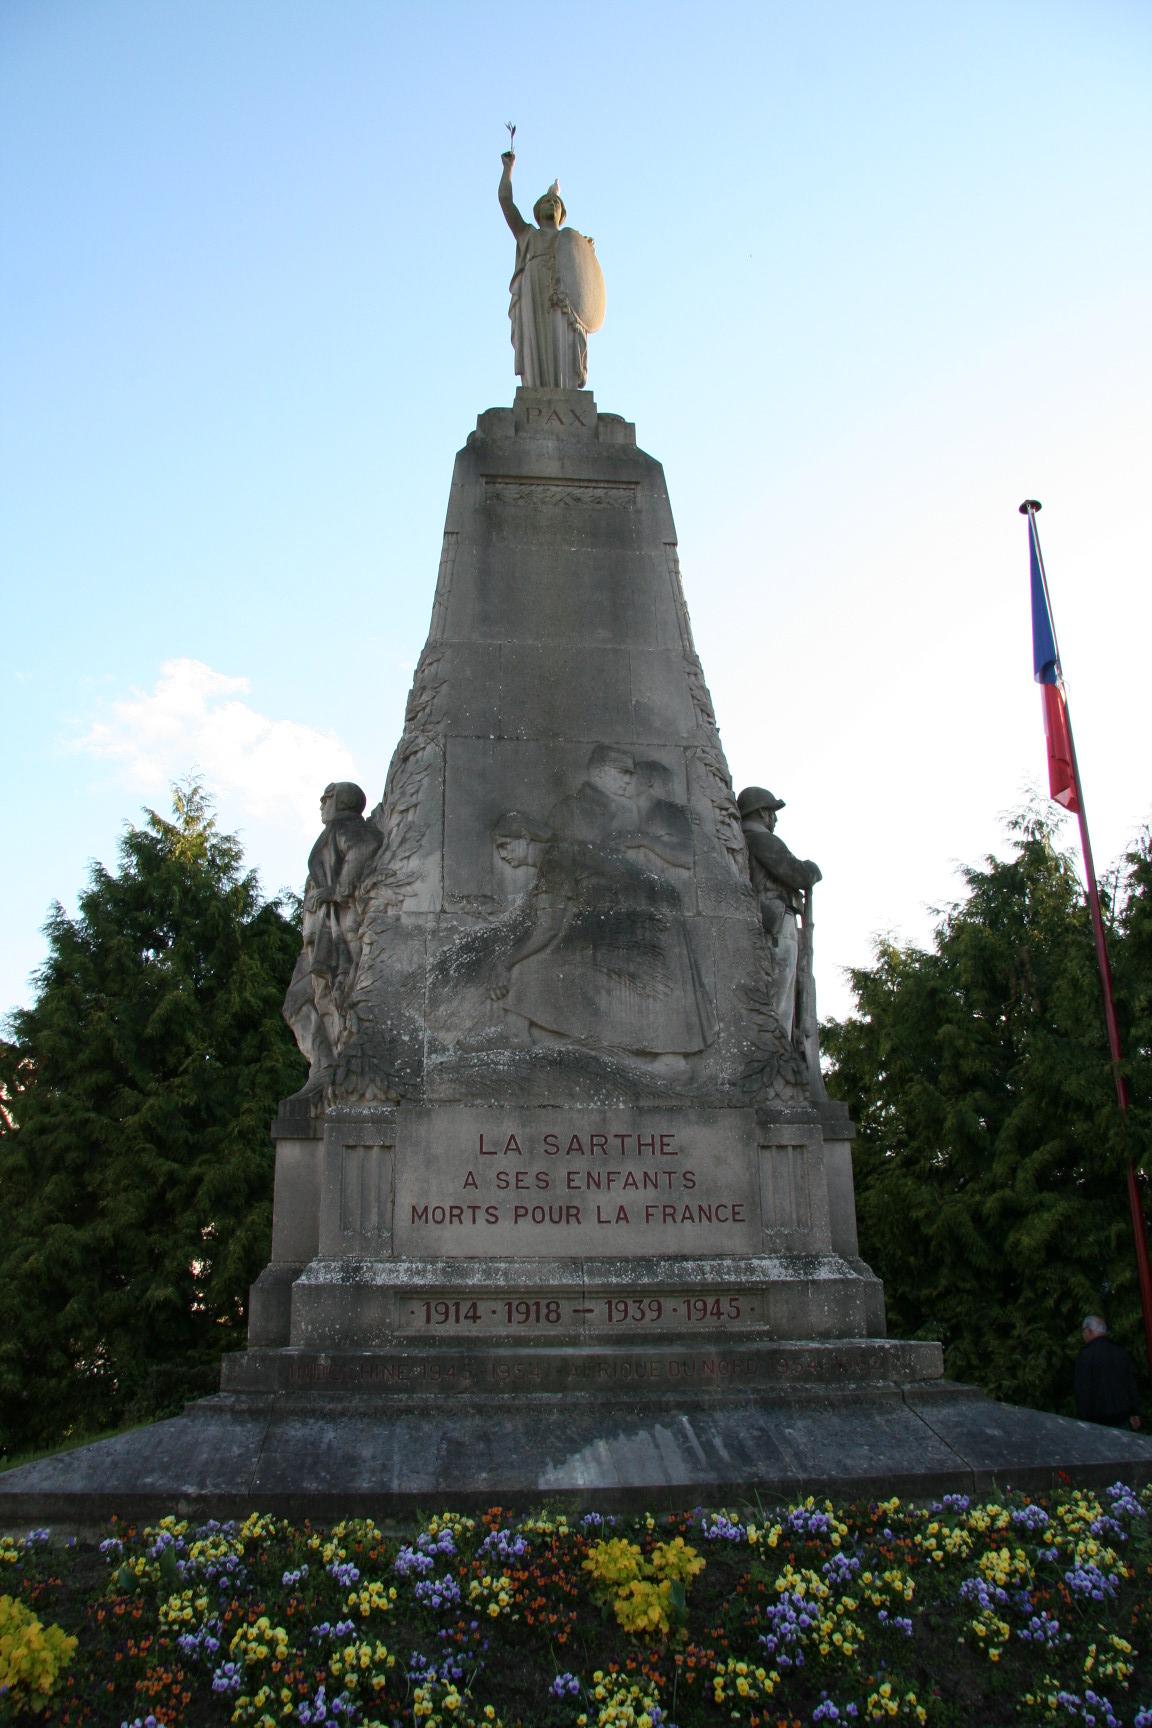 Le Mans en 2010 - Monument commémoratif - Avenue de la Libération - La Sarthe à ses enfants morts pour la France - Vue 01 (Sylvie Leveau)